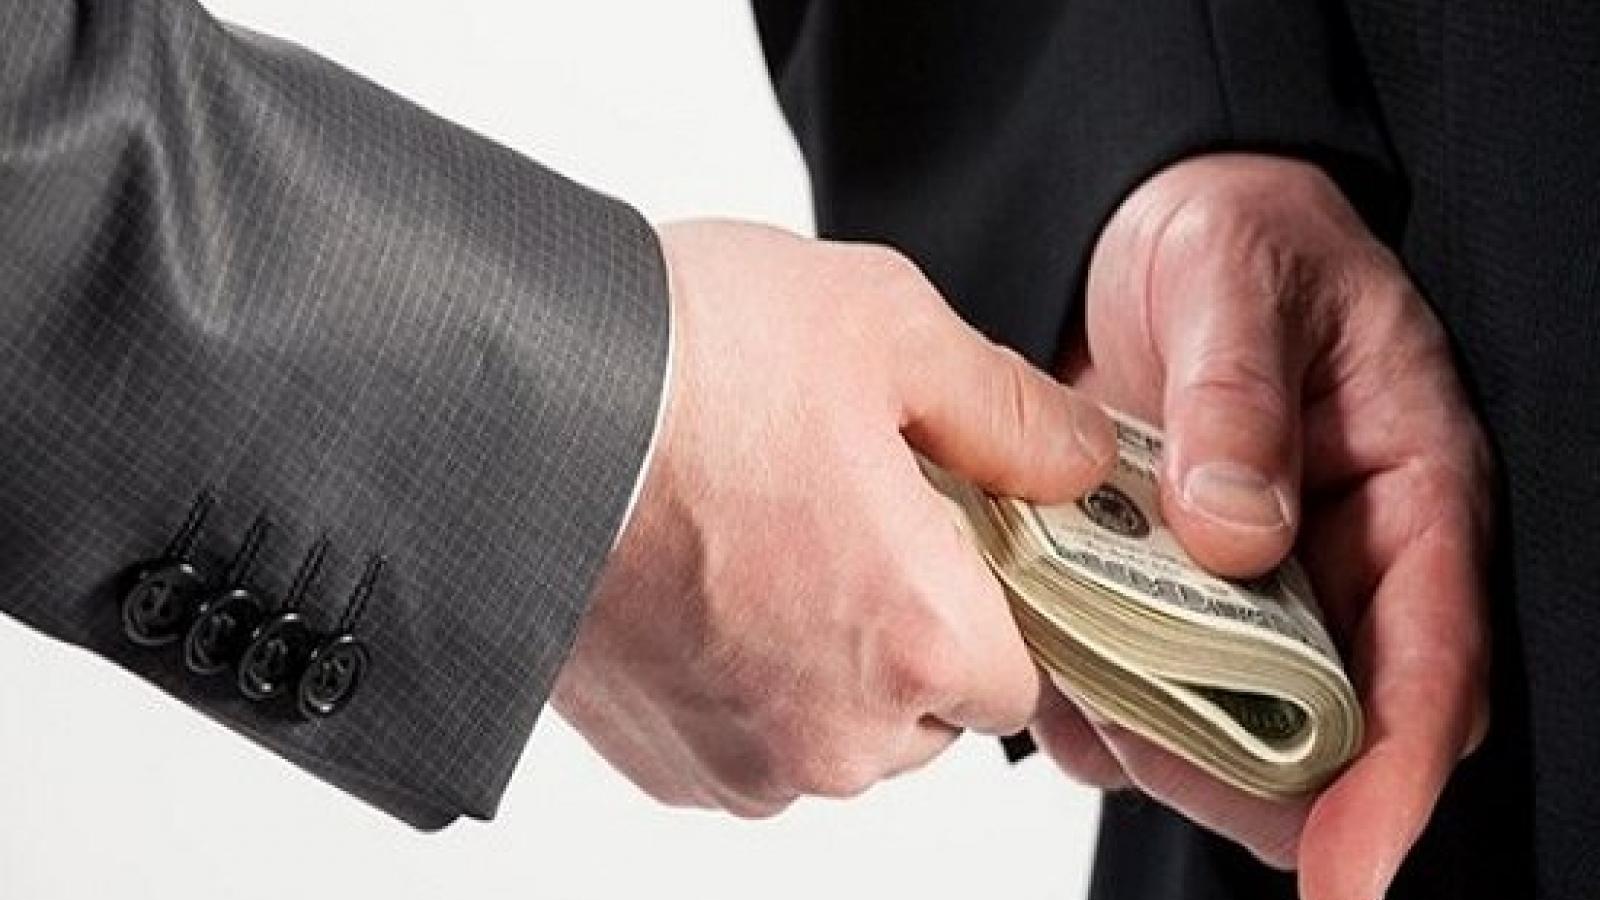 Cùng chiếm đoạt tài sản, tham ô khác lạm dụng tín nhiệm như thế nào?